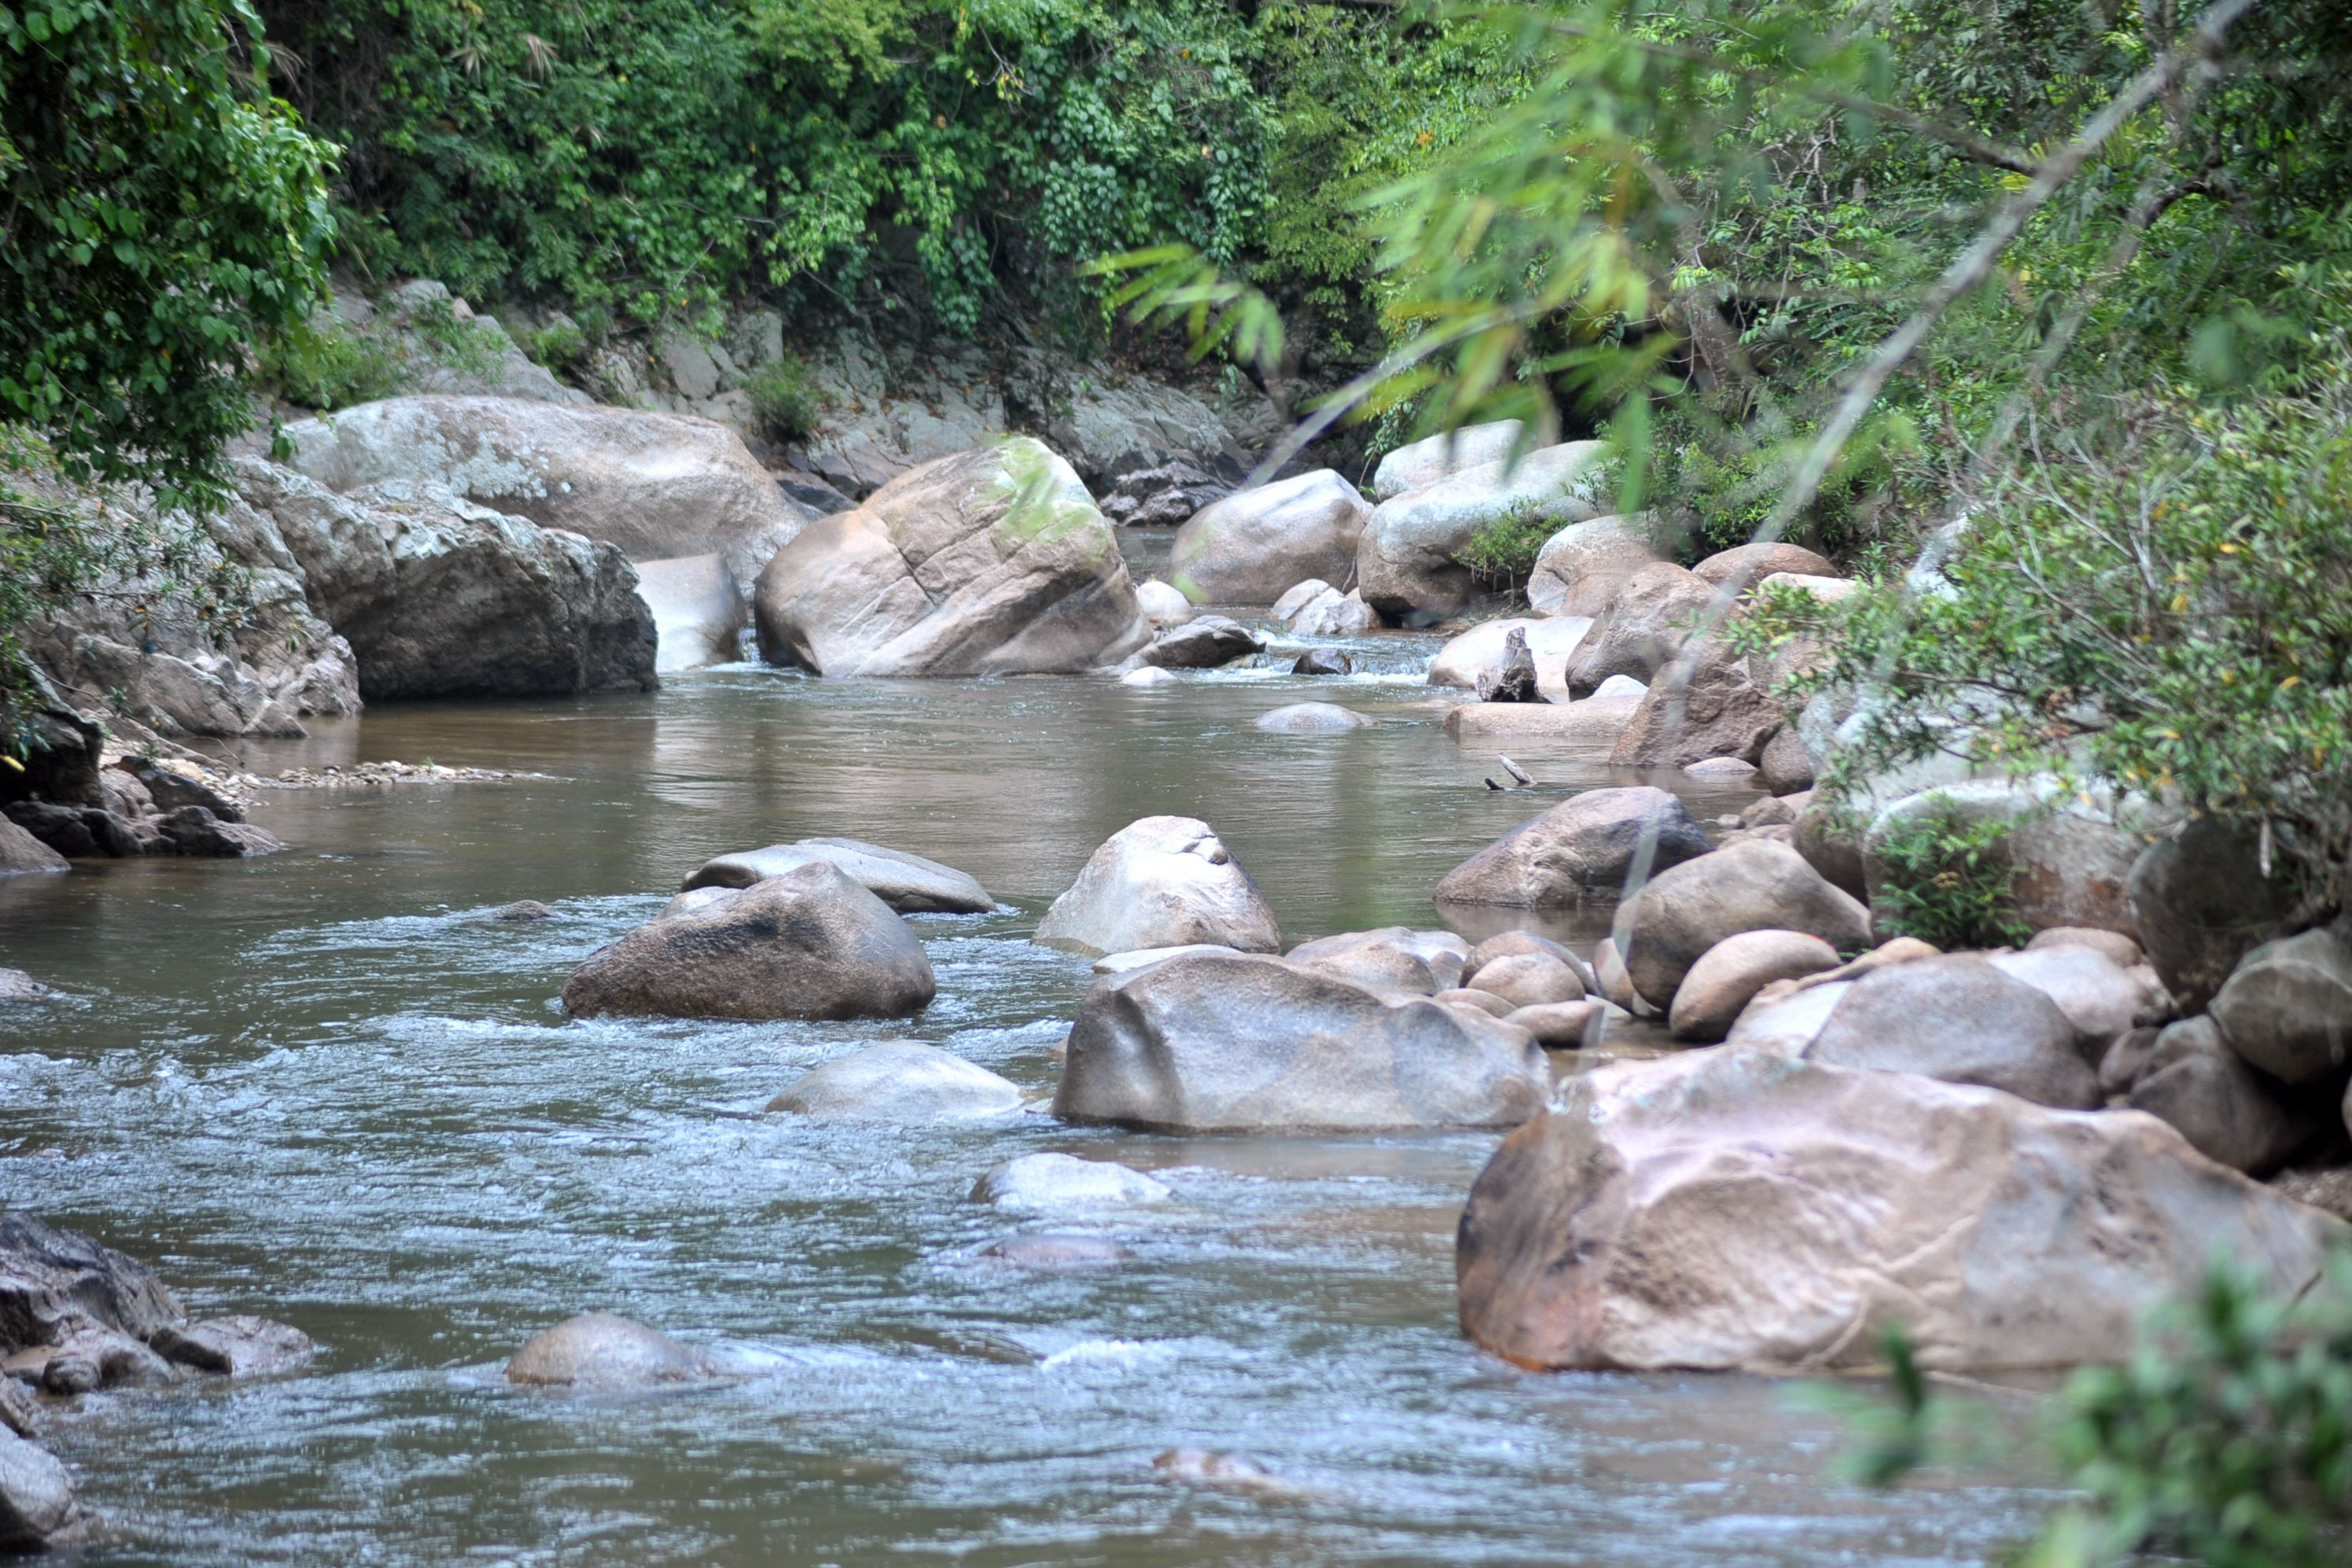 Aliran Sungai Batang Sumpur Lubuk Tasapik, Nagari Sisawah, Sumatera Barat, menyimpan kekayaan emas.